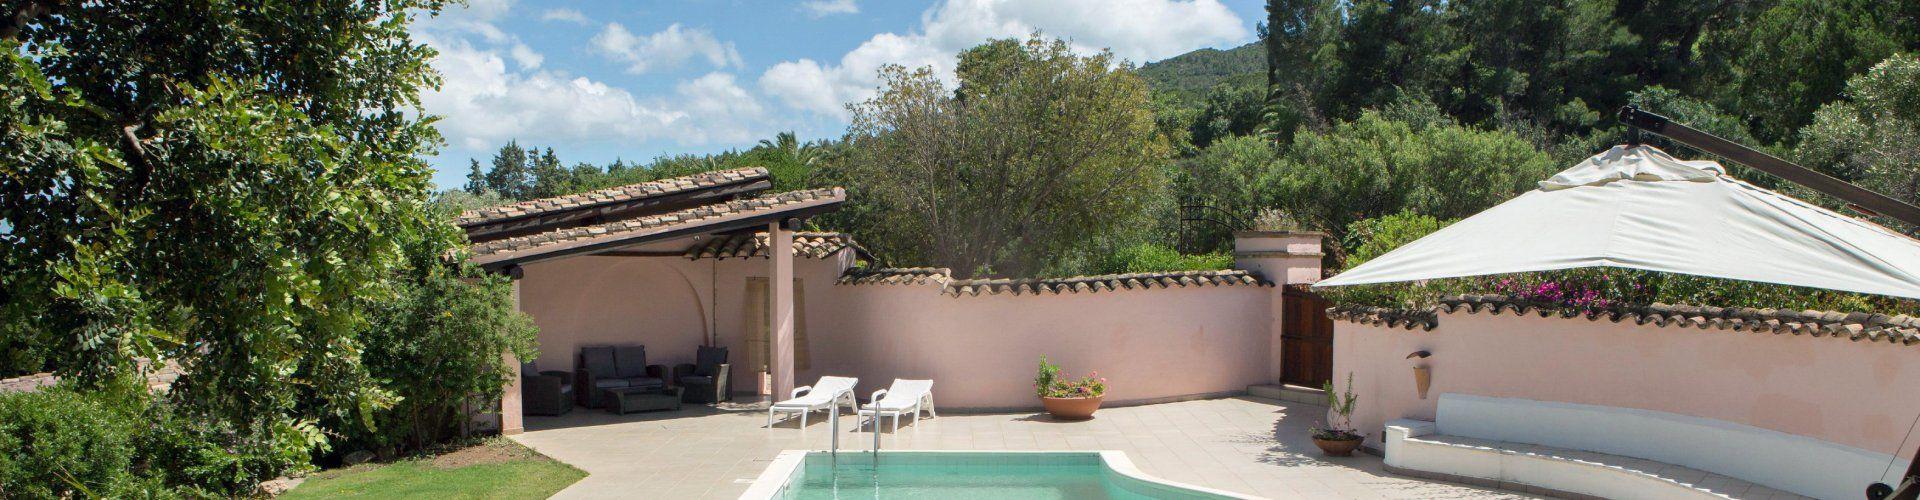 sardisches Landhaus umgeben von Pinien in Südsardinien